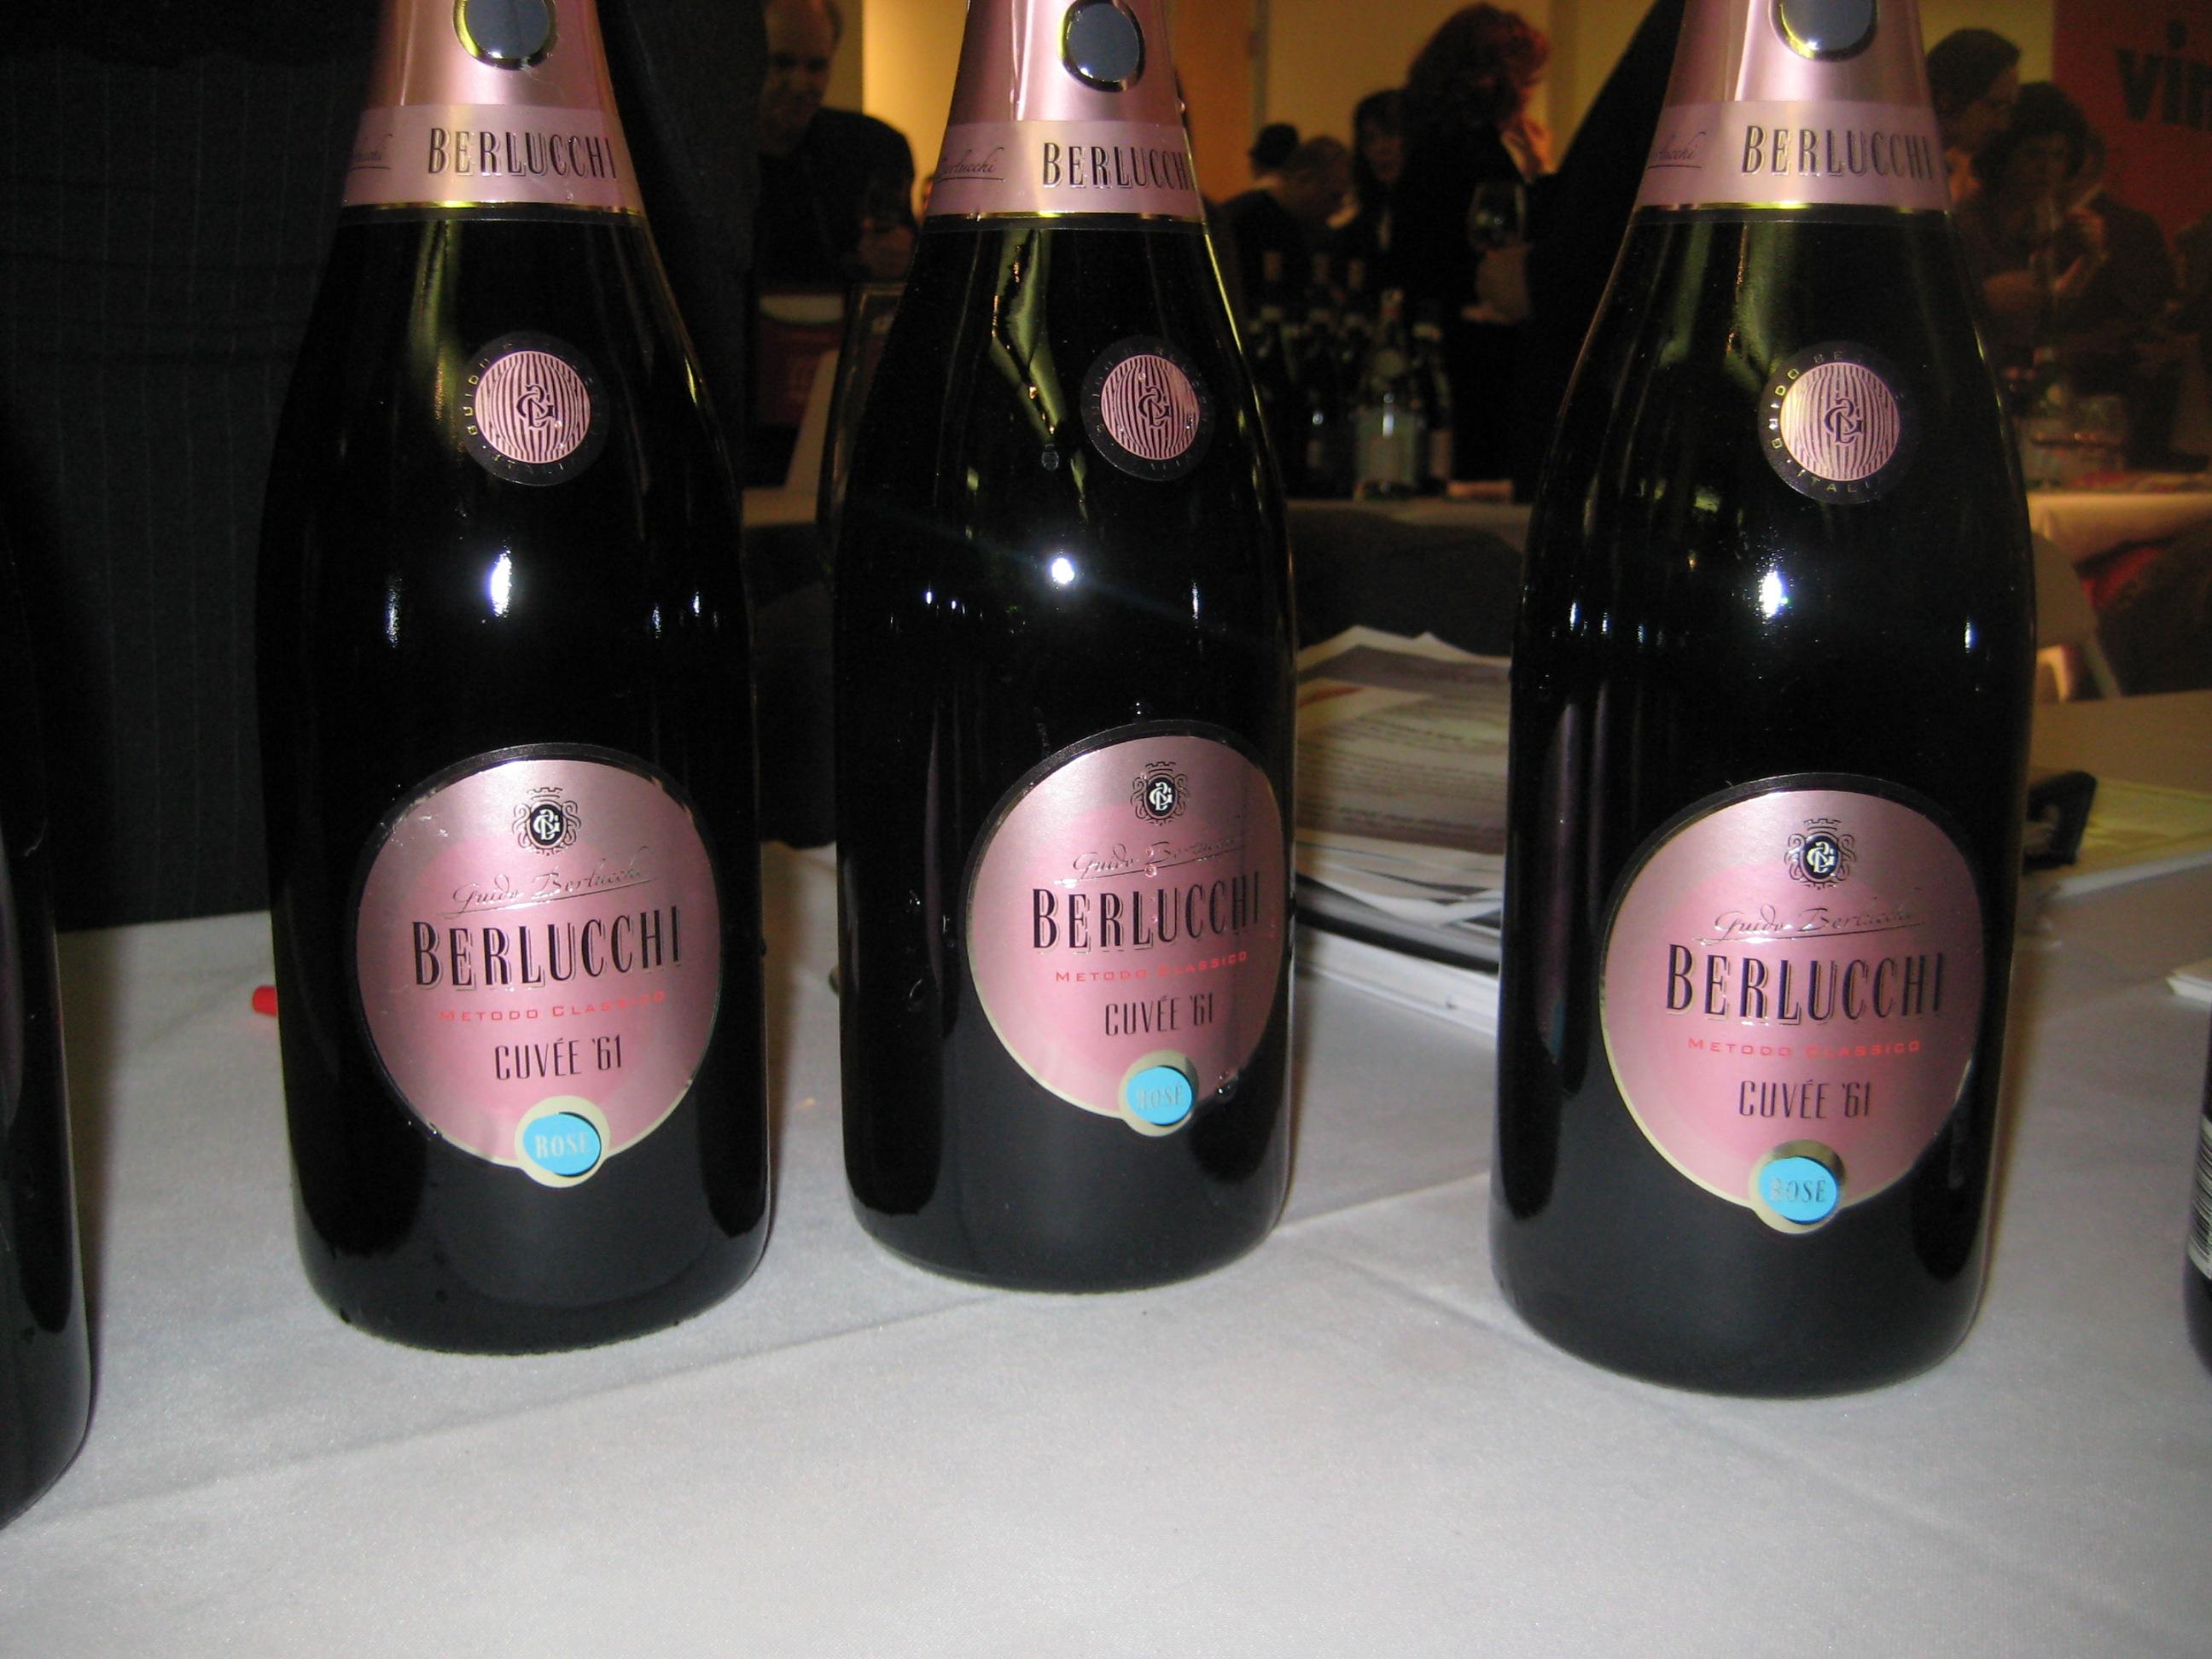 Berlucchi Cuvée '61 Rosé